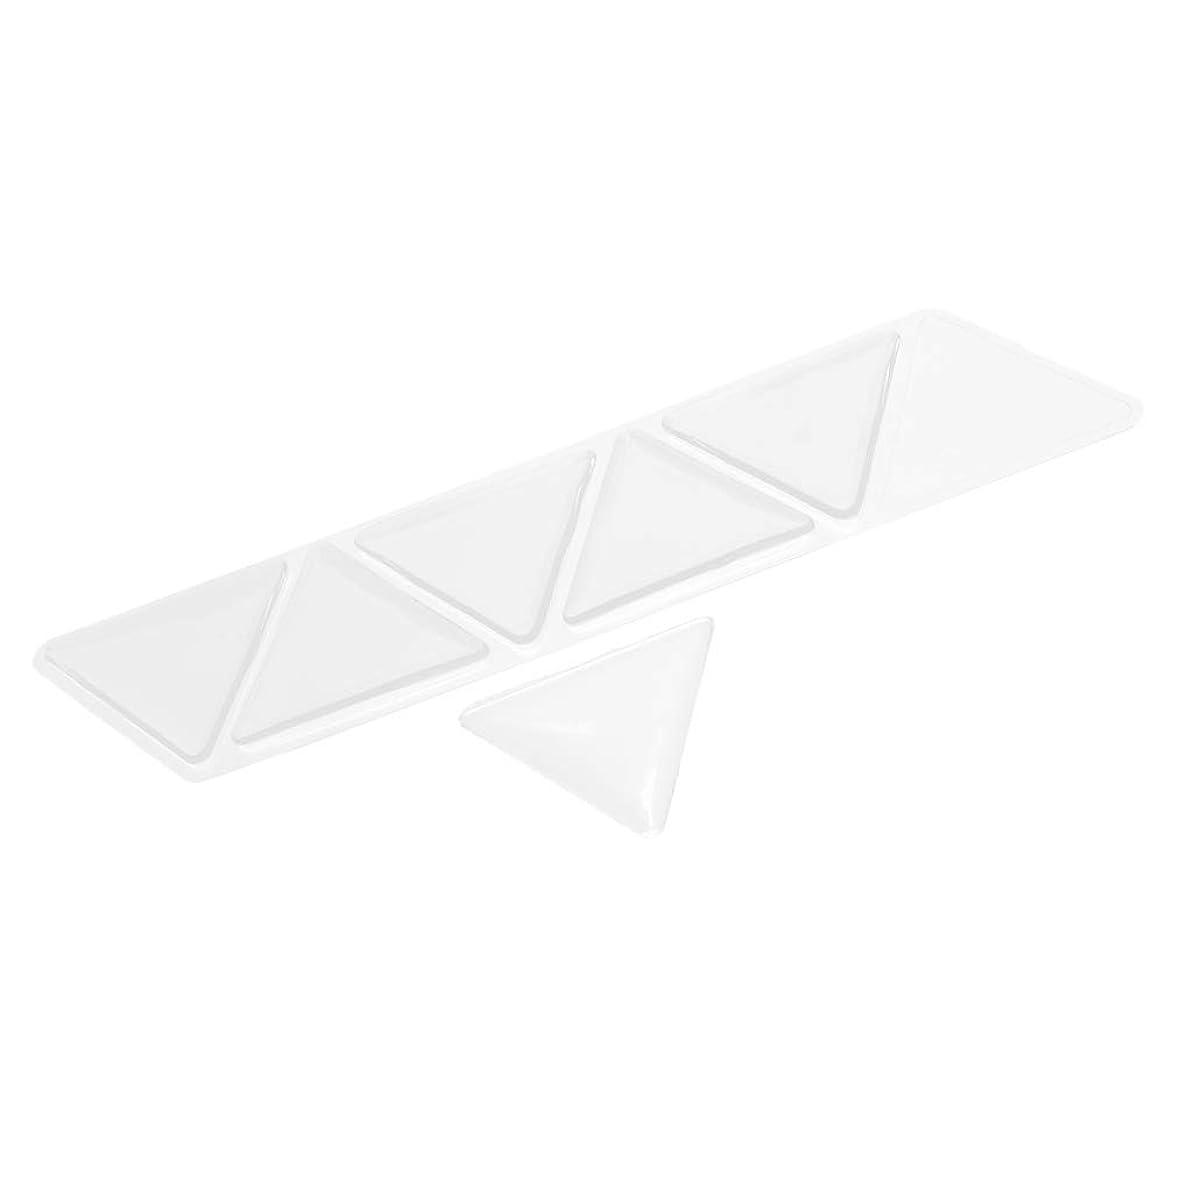 プレビュー記念碑リアル額パッド スキンケアパッド アンチリンクル シリコン 三角パッド 再使用可能な